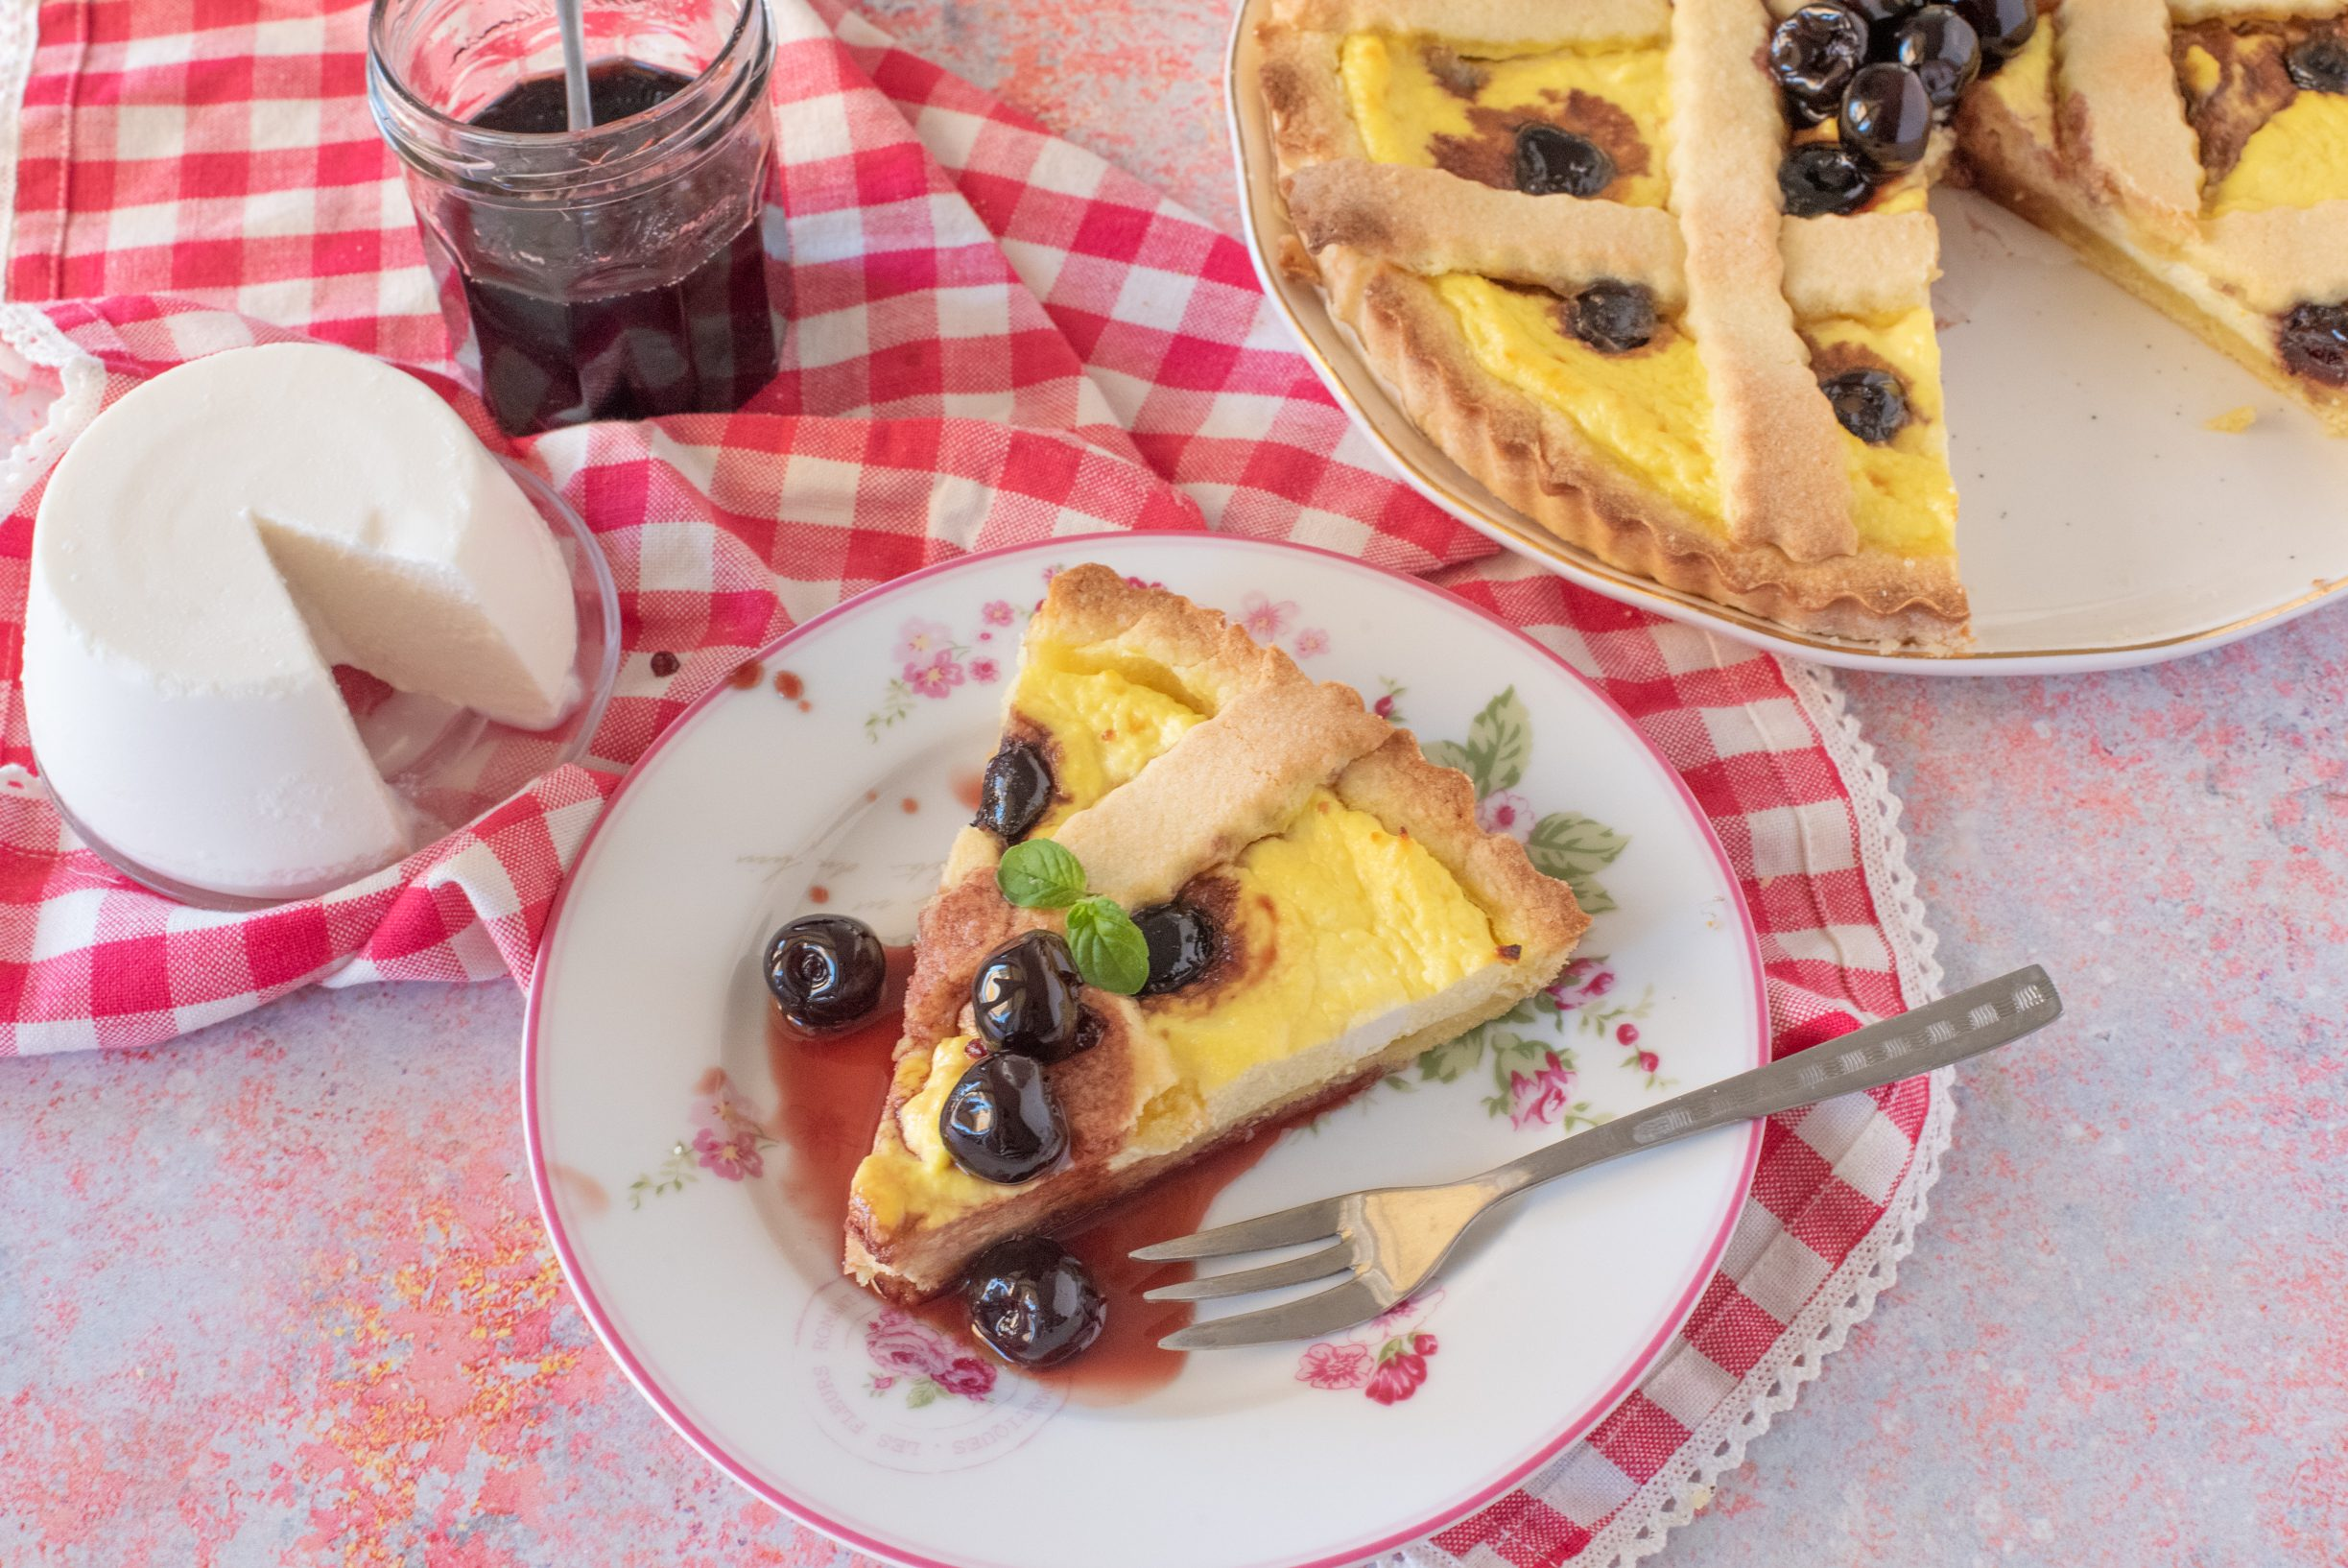 Crostata ricotta e amarene: la ricetta del dolce della tradizione ricco e goloso